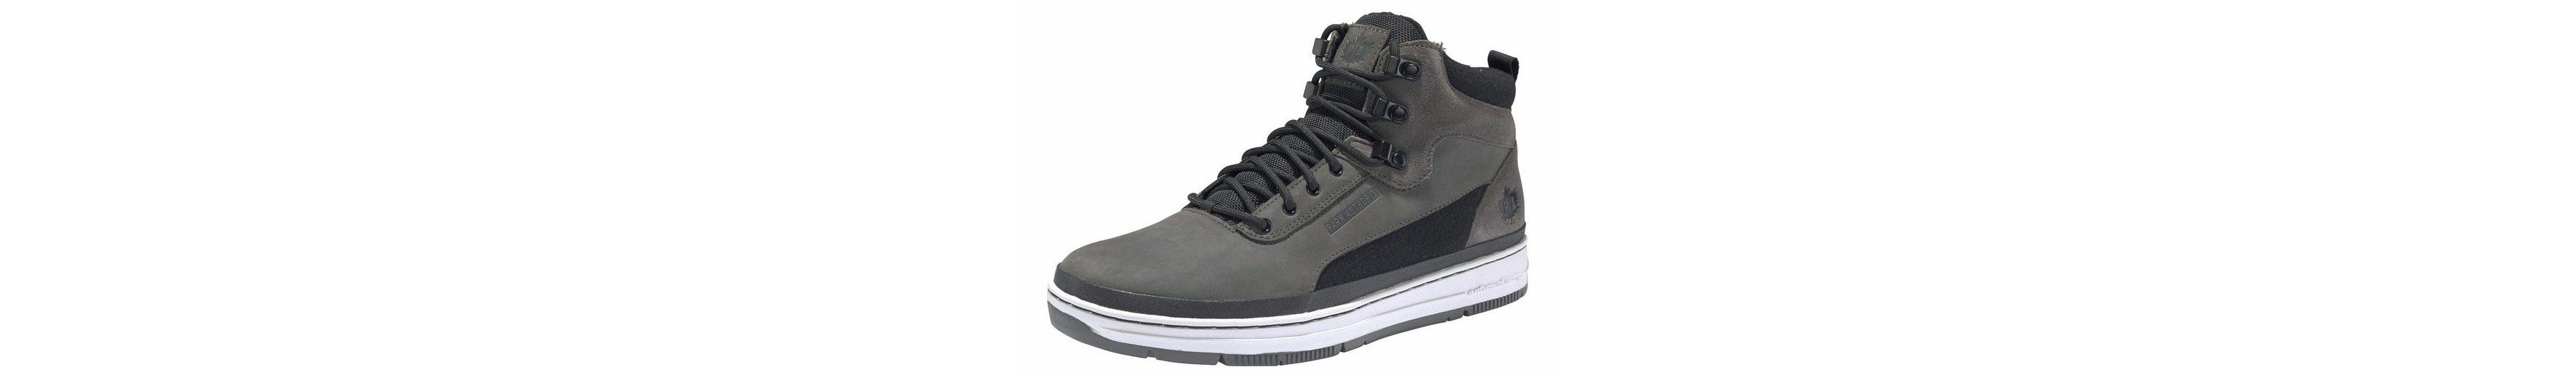 Billig Verkauf Größte Lieferant PARK AUTHORITY by K1X GK 3000 Sneaker Günstig Kaufen Lohn Mit Paypal Auftrag Manchester Günstiger Preis HY2GY